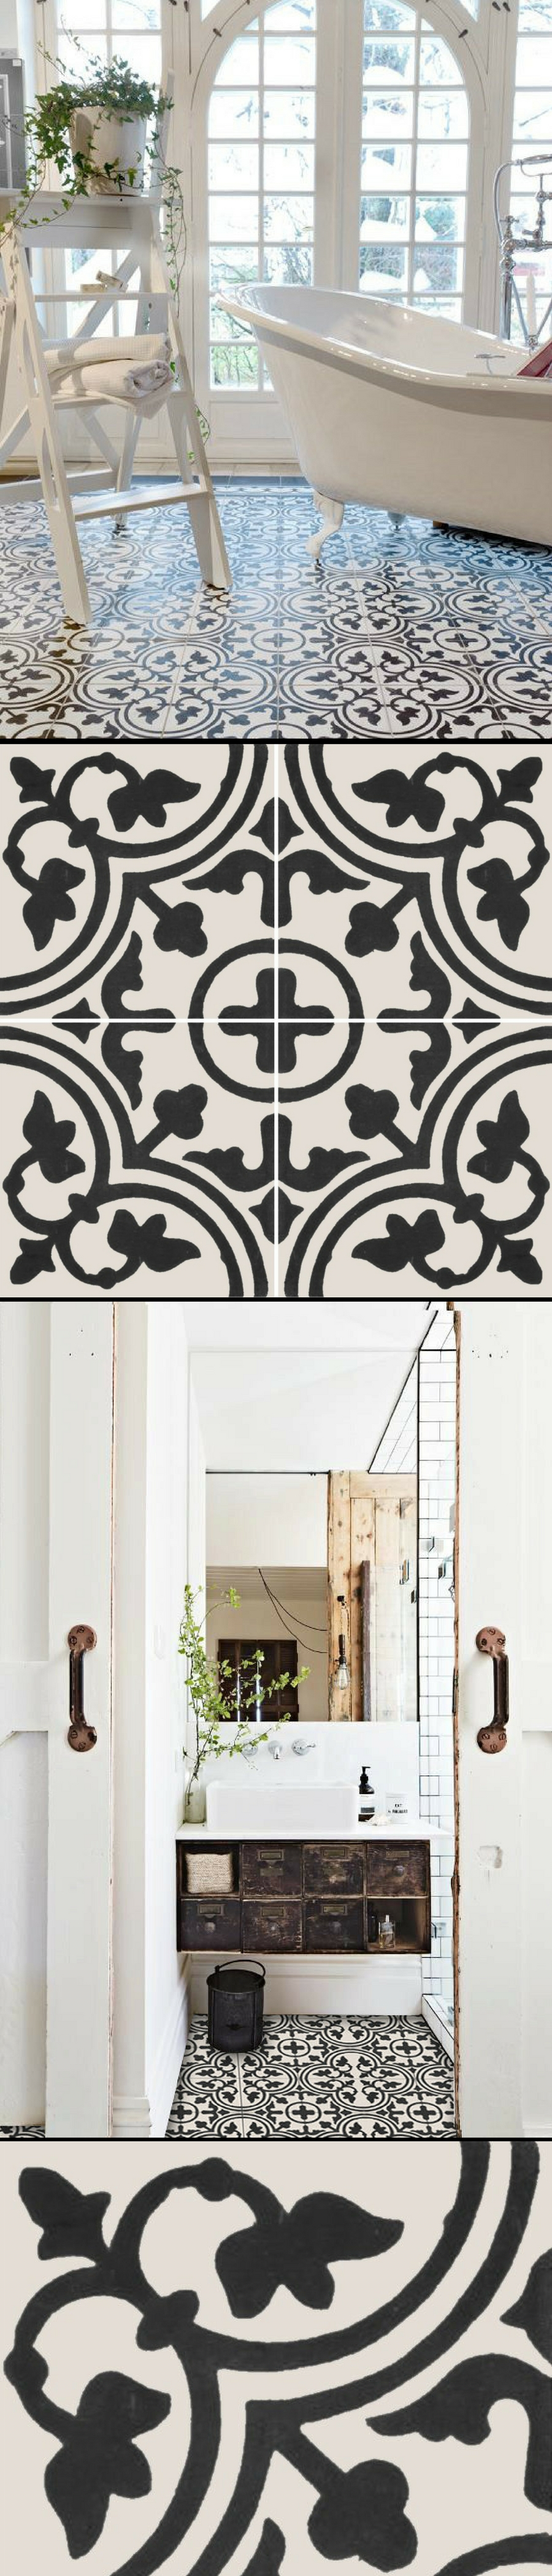 carrelage adh sif imitation carreaux de ciment pour. Black Bedroom Furniture Sets. Home Design Ideas